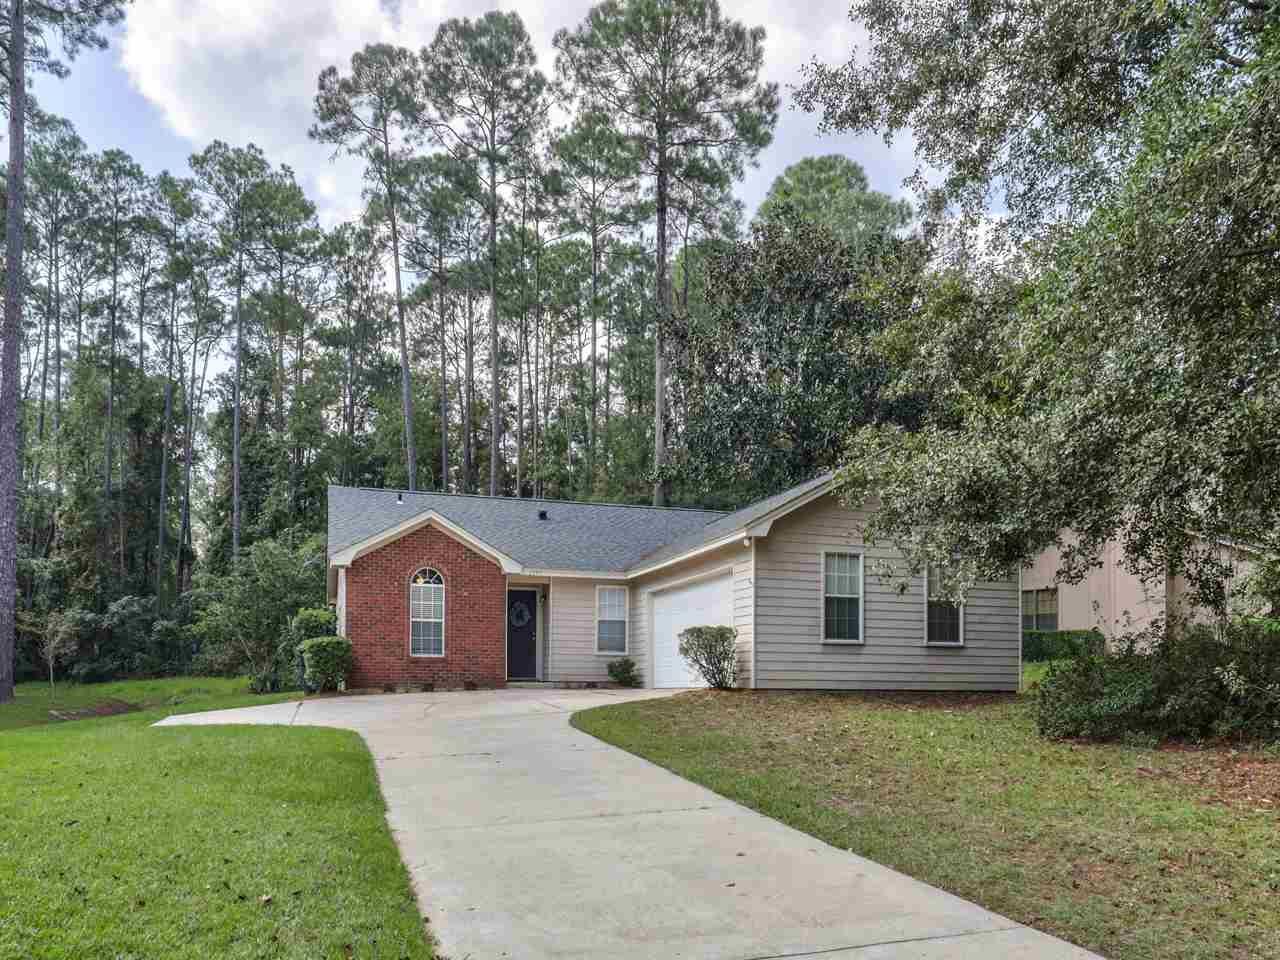 2375 Tuscavilla Road, Tallahassee, FL 32312 - MLS#: 324747